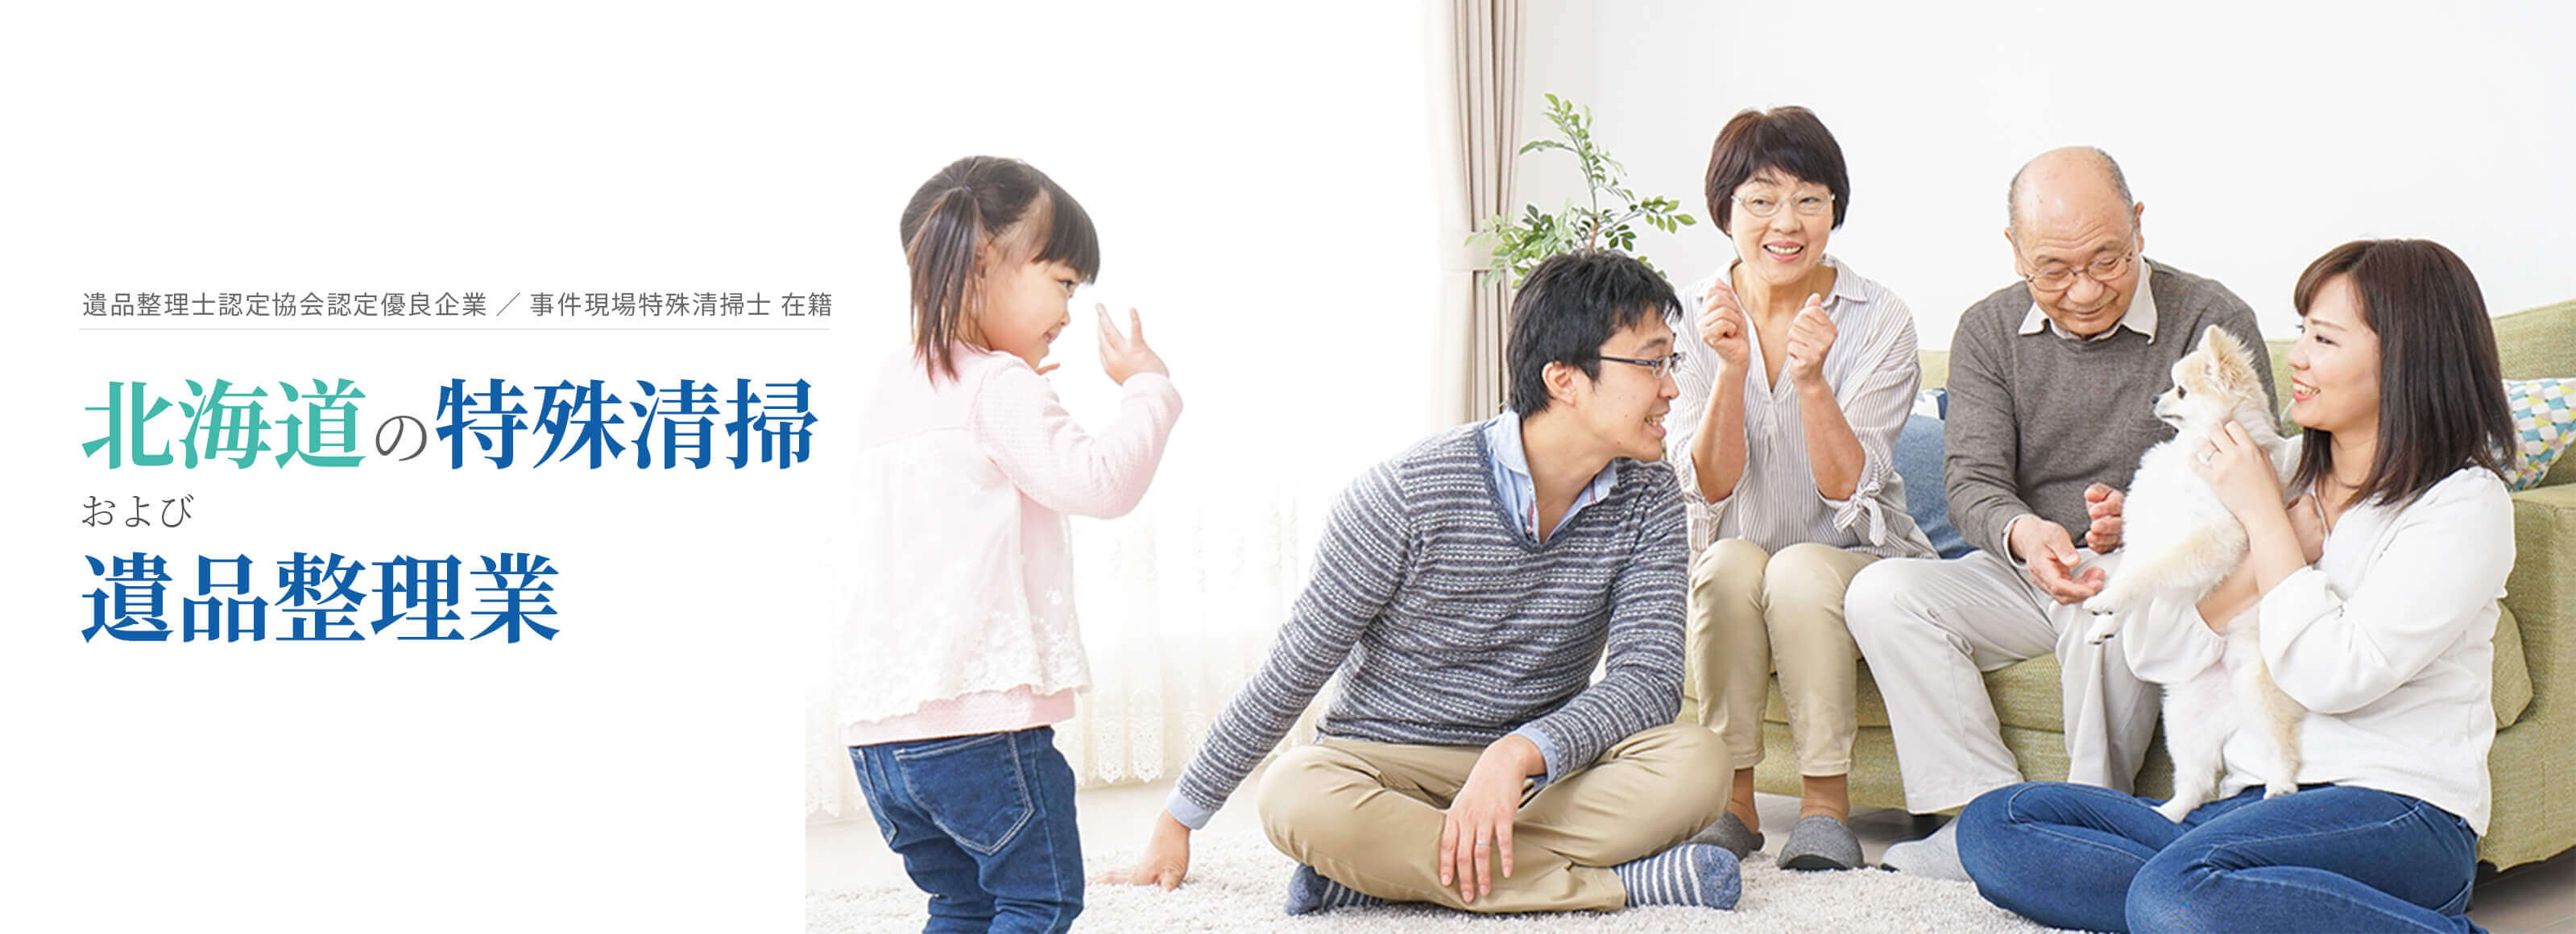 遺品整理士認定協会認定優良企業 / 事件現場特殊清掃士 在籍 北海道の特殊清掃および遺品整理業